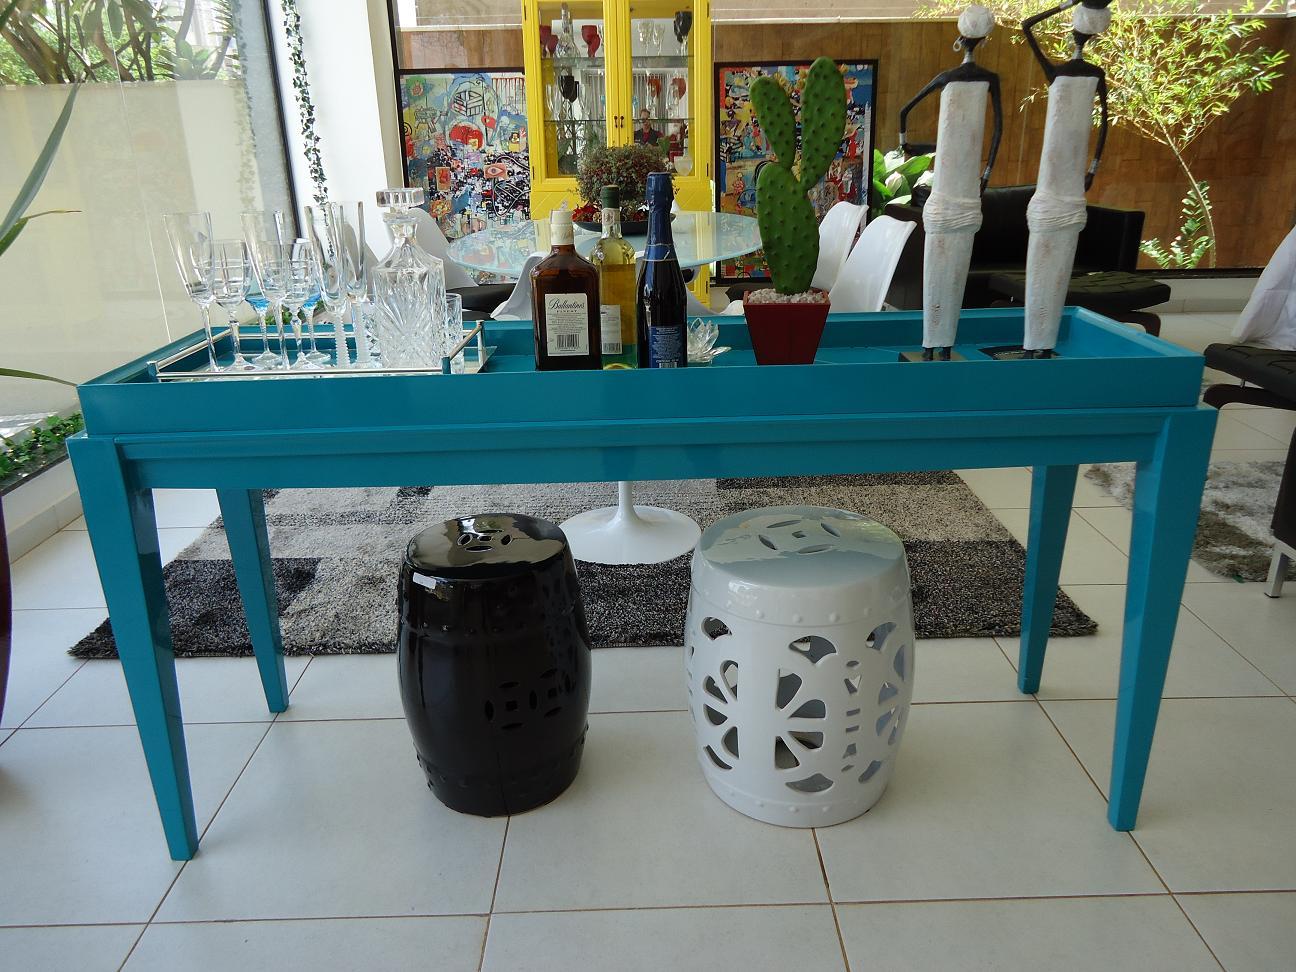 Aparador Sala De Jantar ~ SaritaÁvila Decoraç u00e3o Design de Interiores Ribeir u00e3o Preto Adorei tudo Design e Preço!